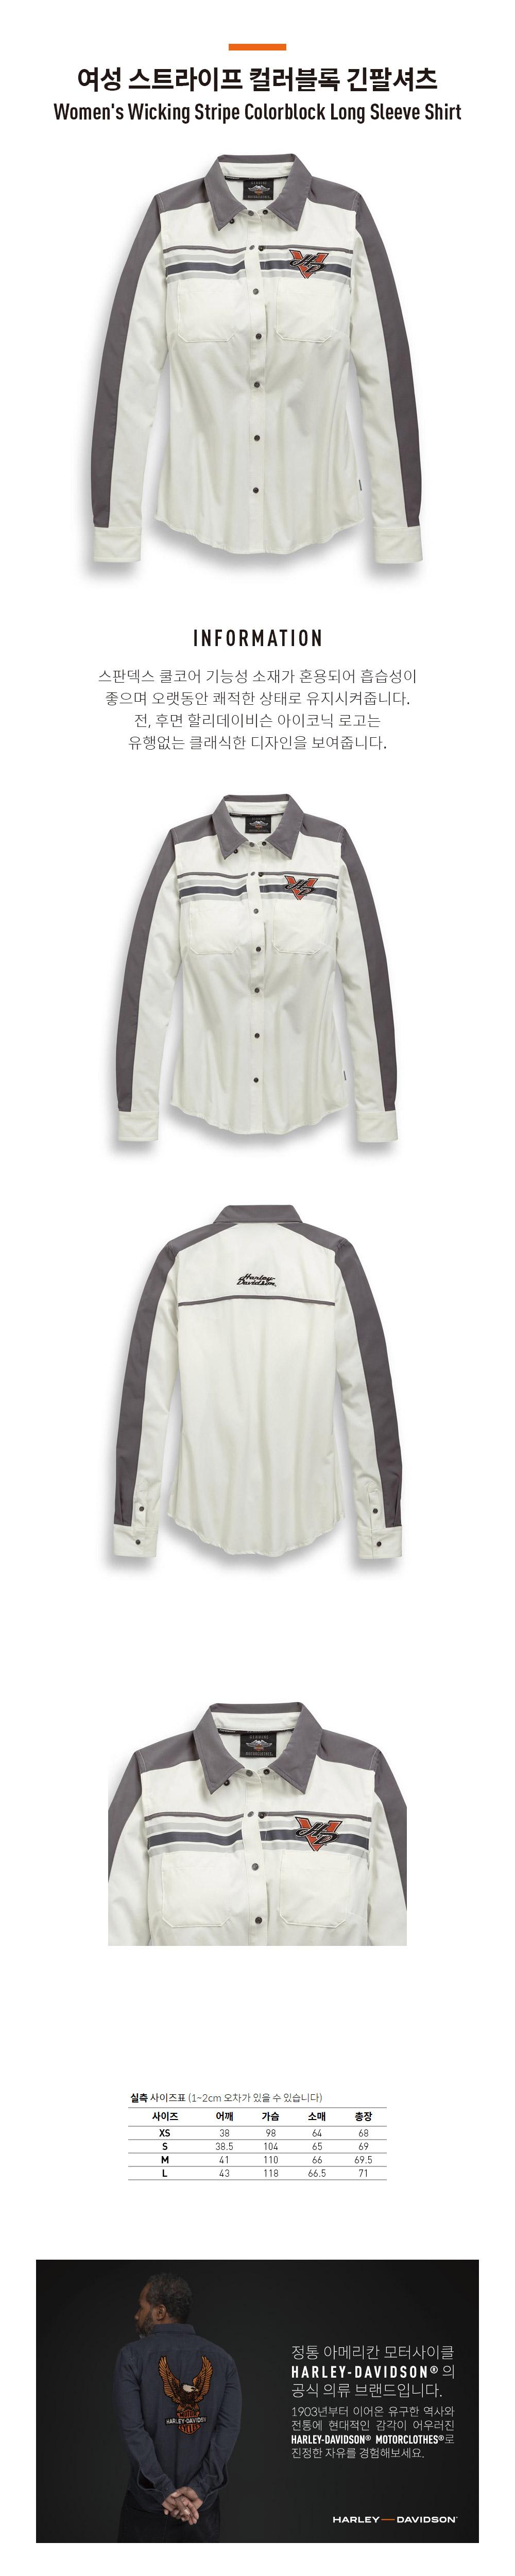 여성 스트라이프 컬러블록 긴팔셔츠